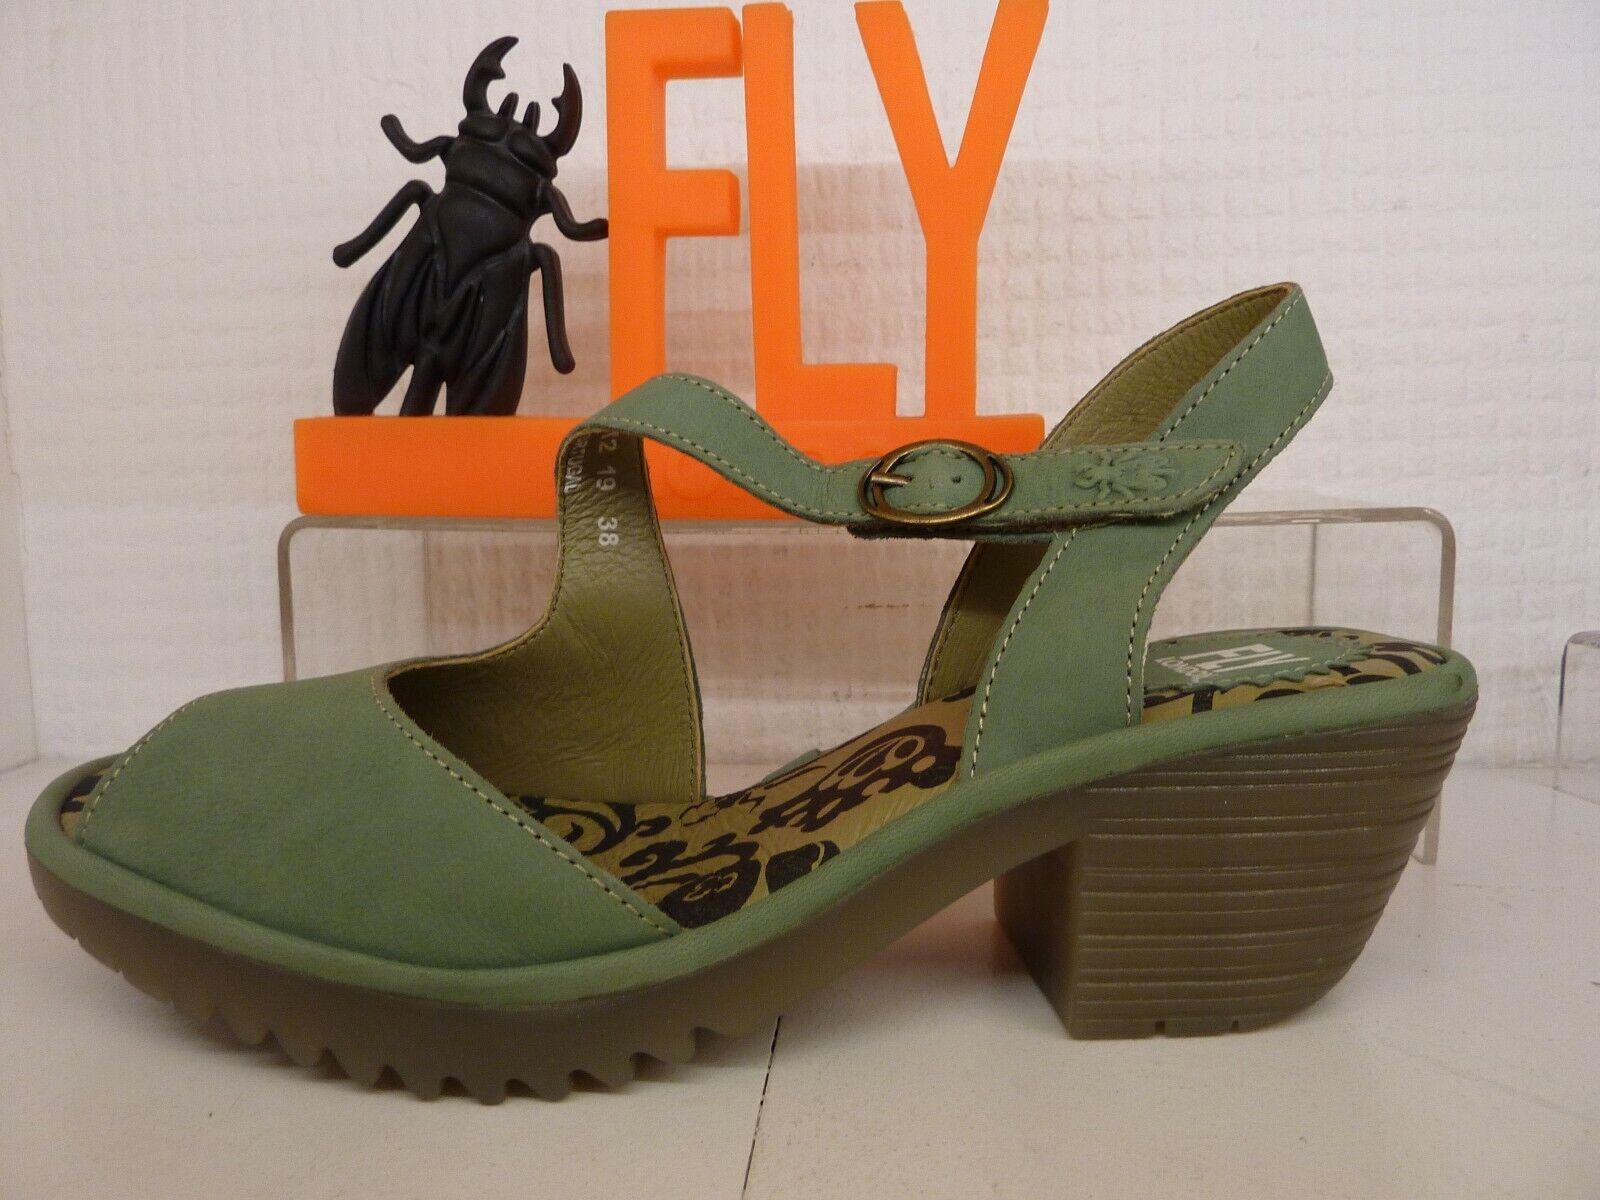 Cuero De Correa Verde Jade London Fly Hebilla Wyno Zapatos